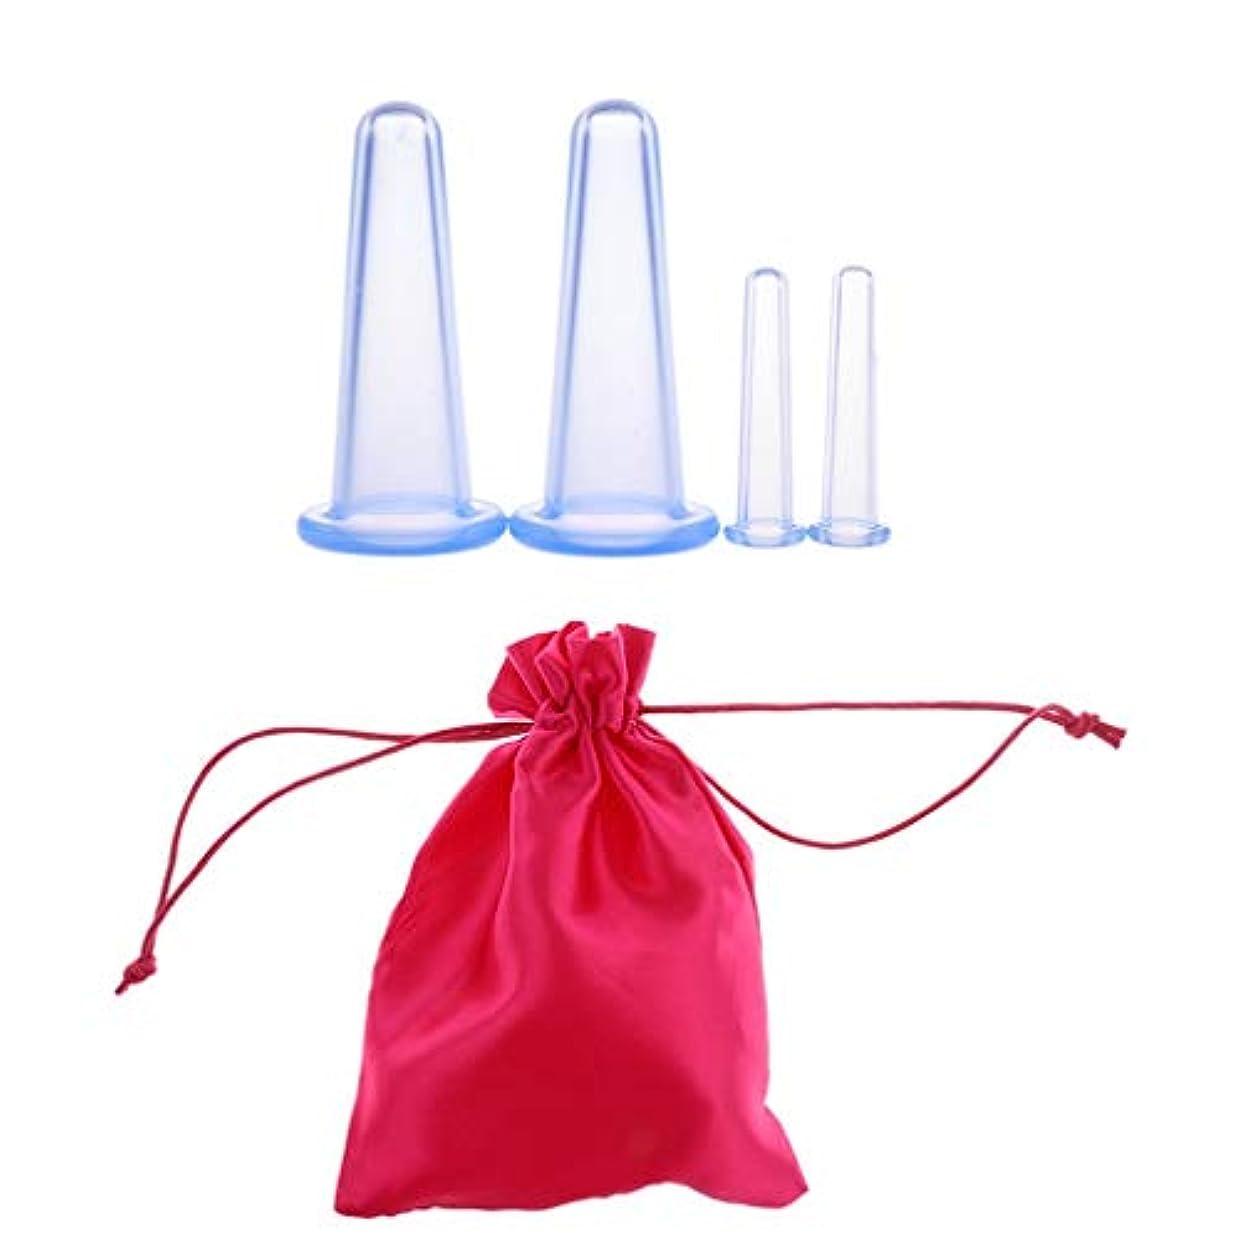 悪質なキャラバン討論4 Pieces Silicone Body Facial Cupping Set Anti Cellulite Massage Vacuum Cups suit for Lifting Massage Face Eye...